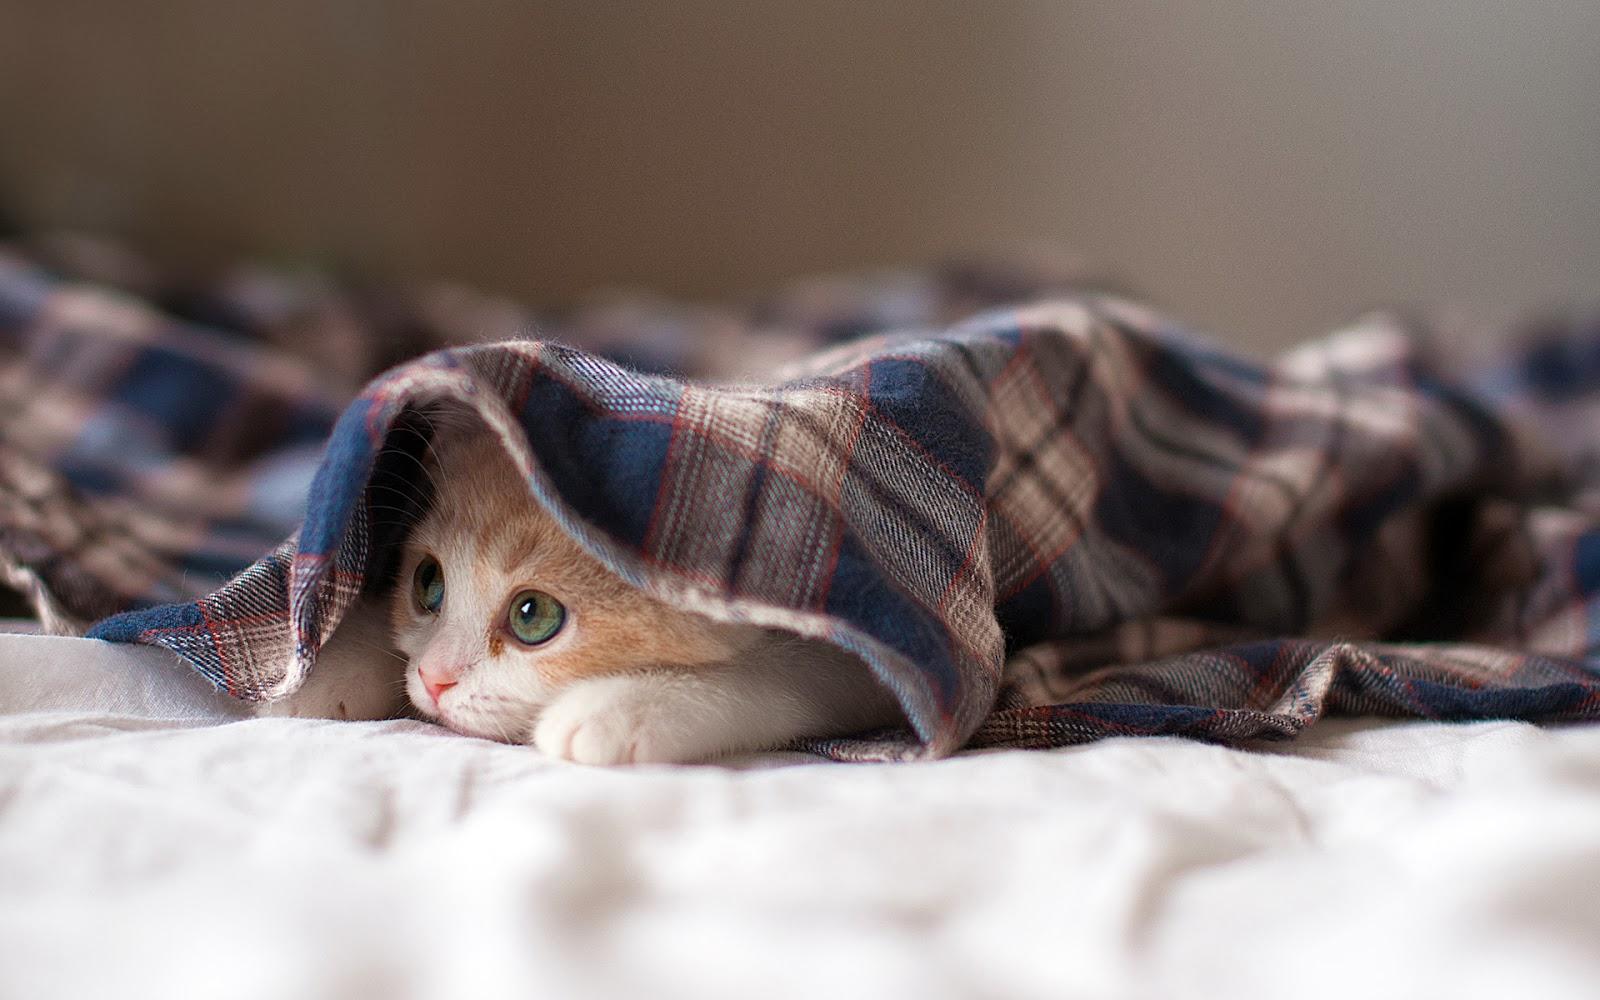 """<img src=""""http://1.bp.blogspot.com/-OONqRZFk3VE/UtgF8l-e5hI/AAAAAAAAISs/LgpSn1WU78A/s1600/sleepy-kitten.jpg"""" alt=""""Animal wallpapers"""" />"""